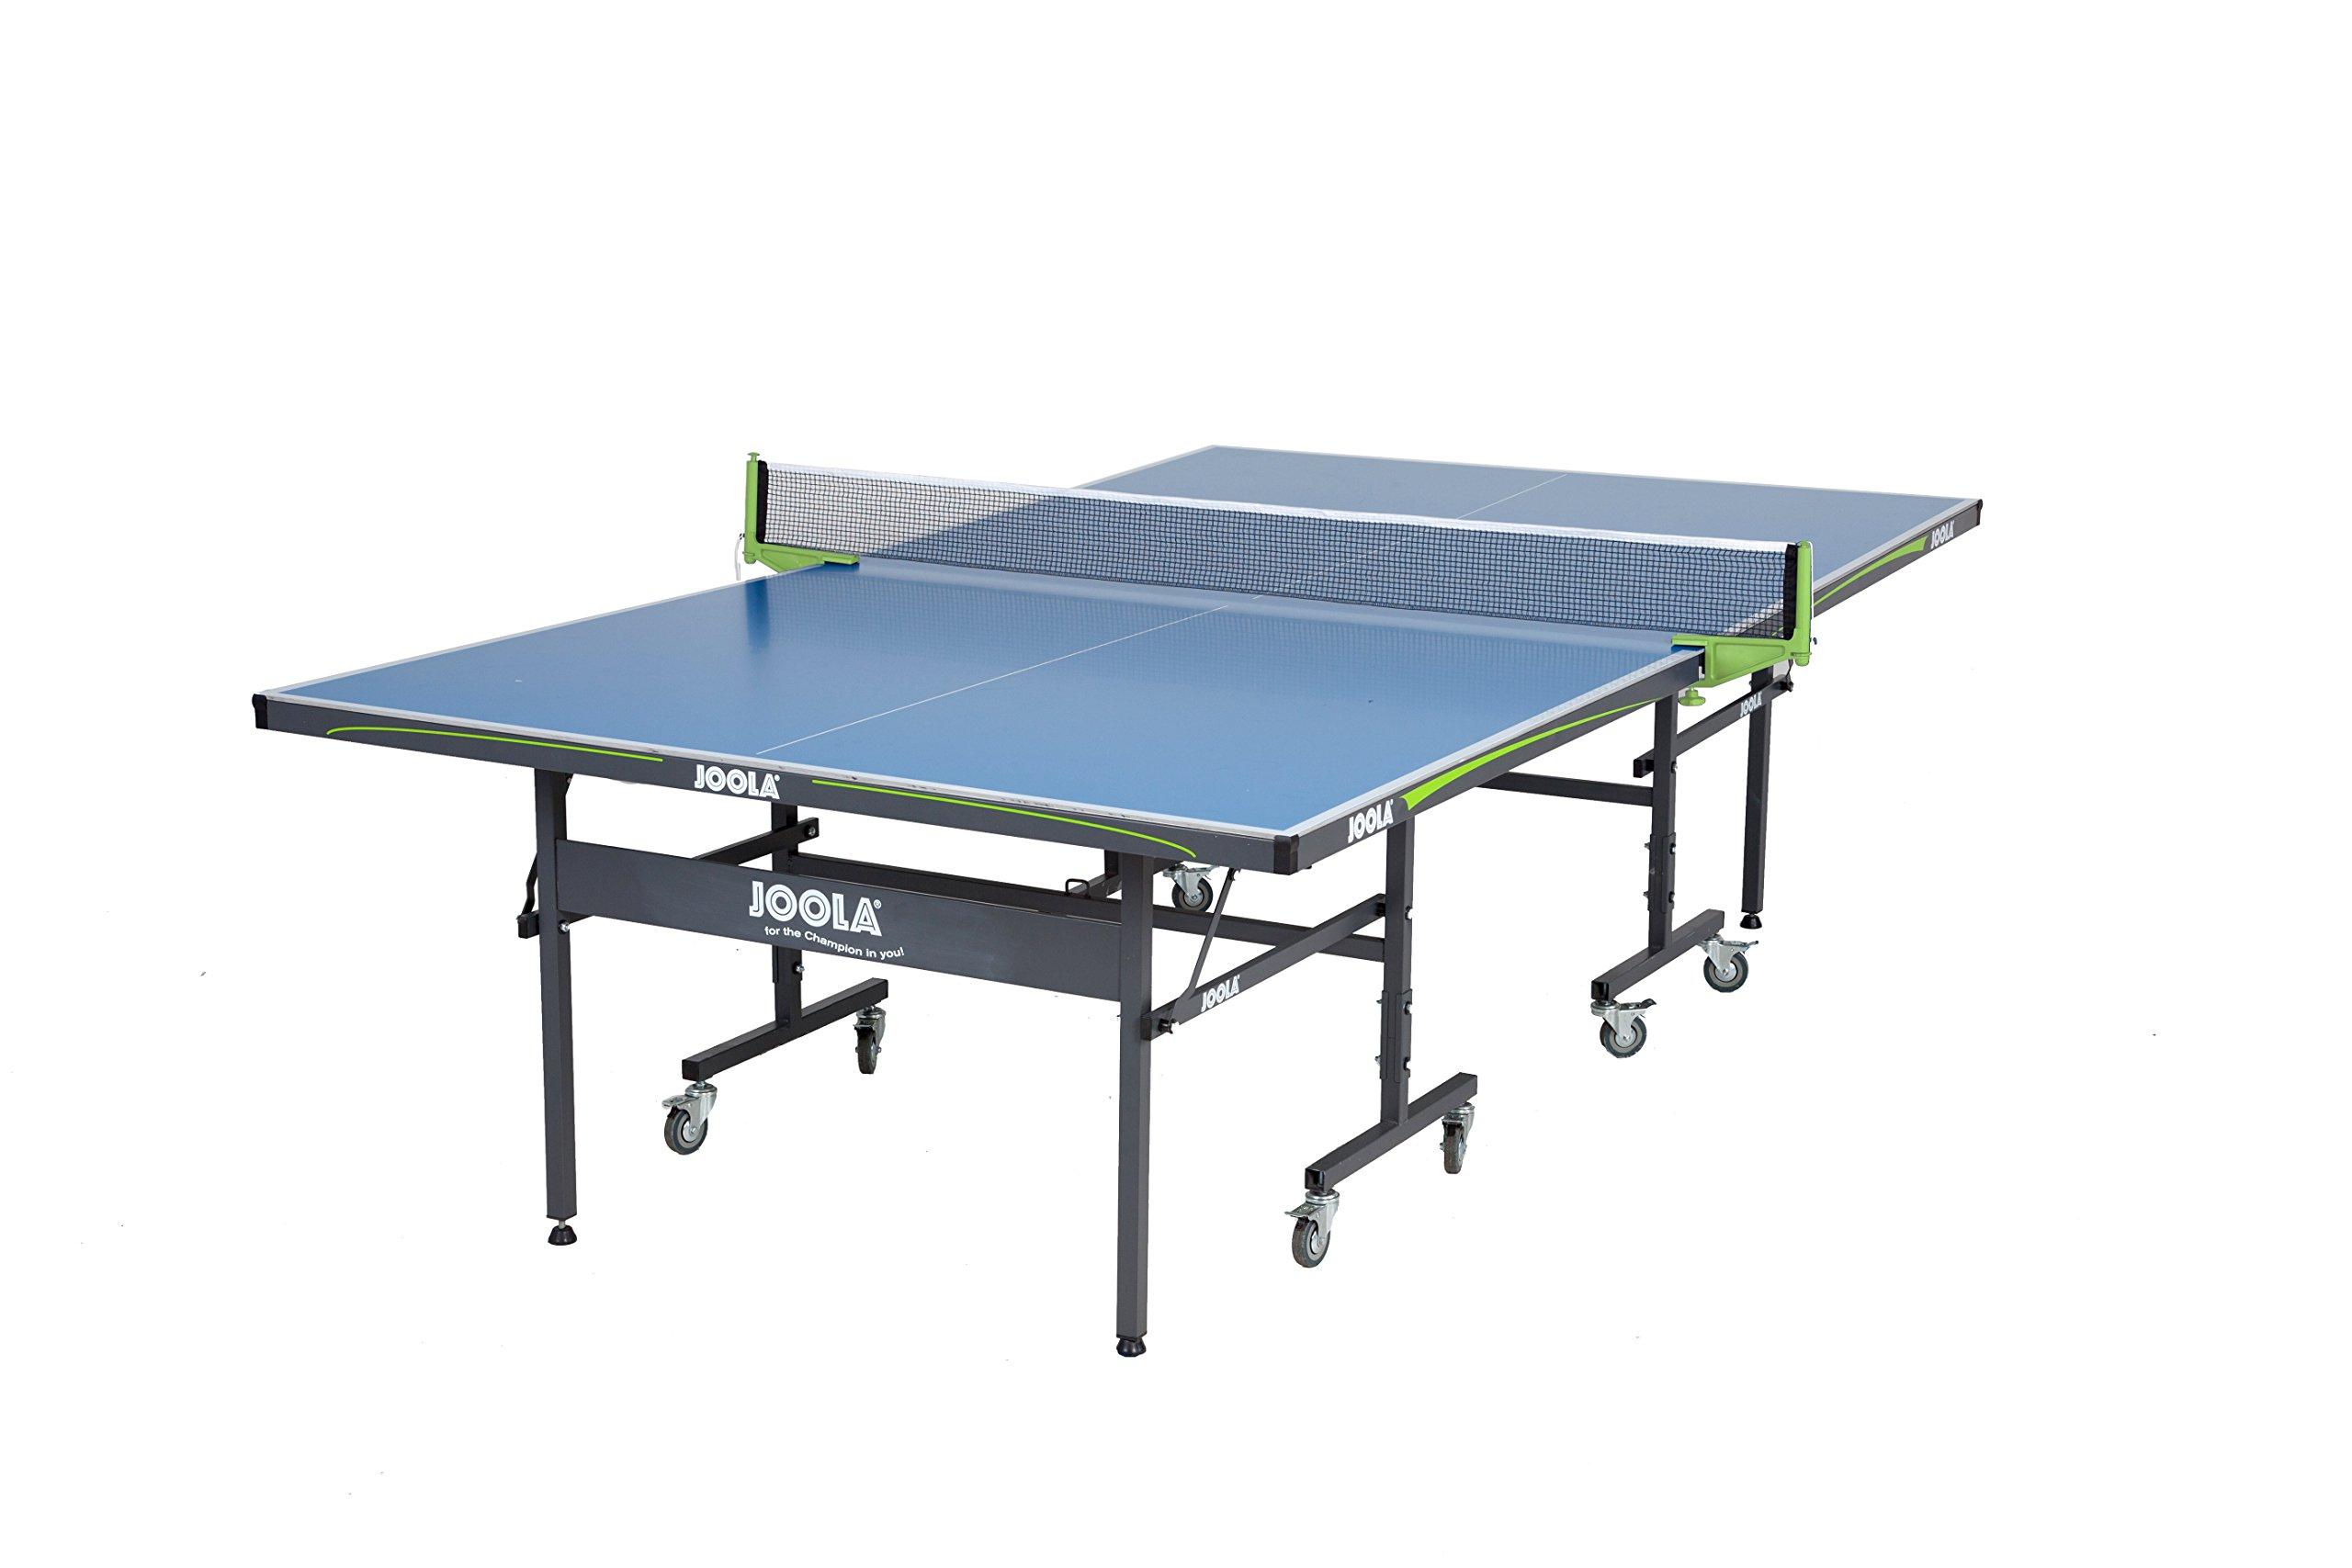 JOOLA Outdoor Table Tennis Table by JOOLA